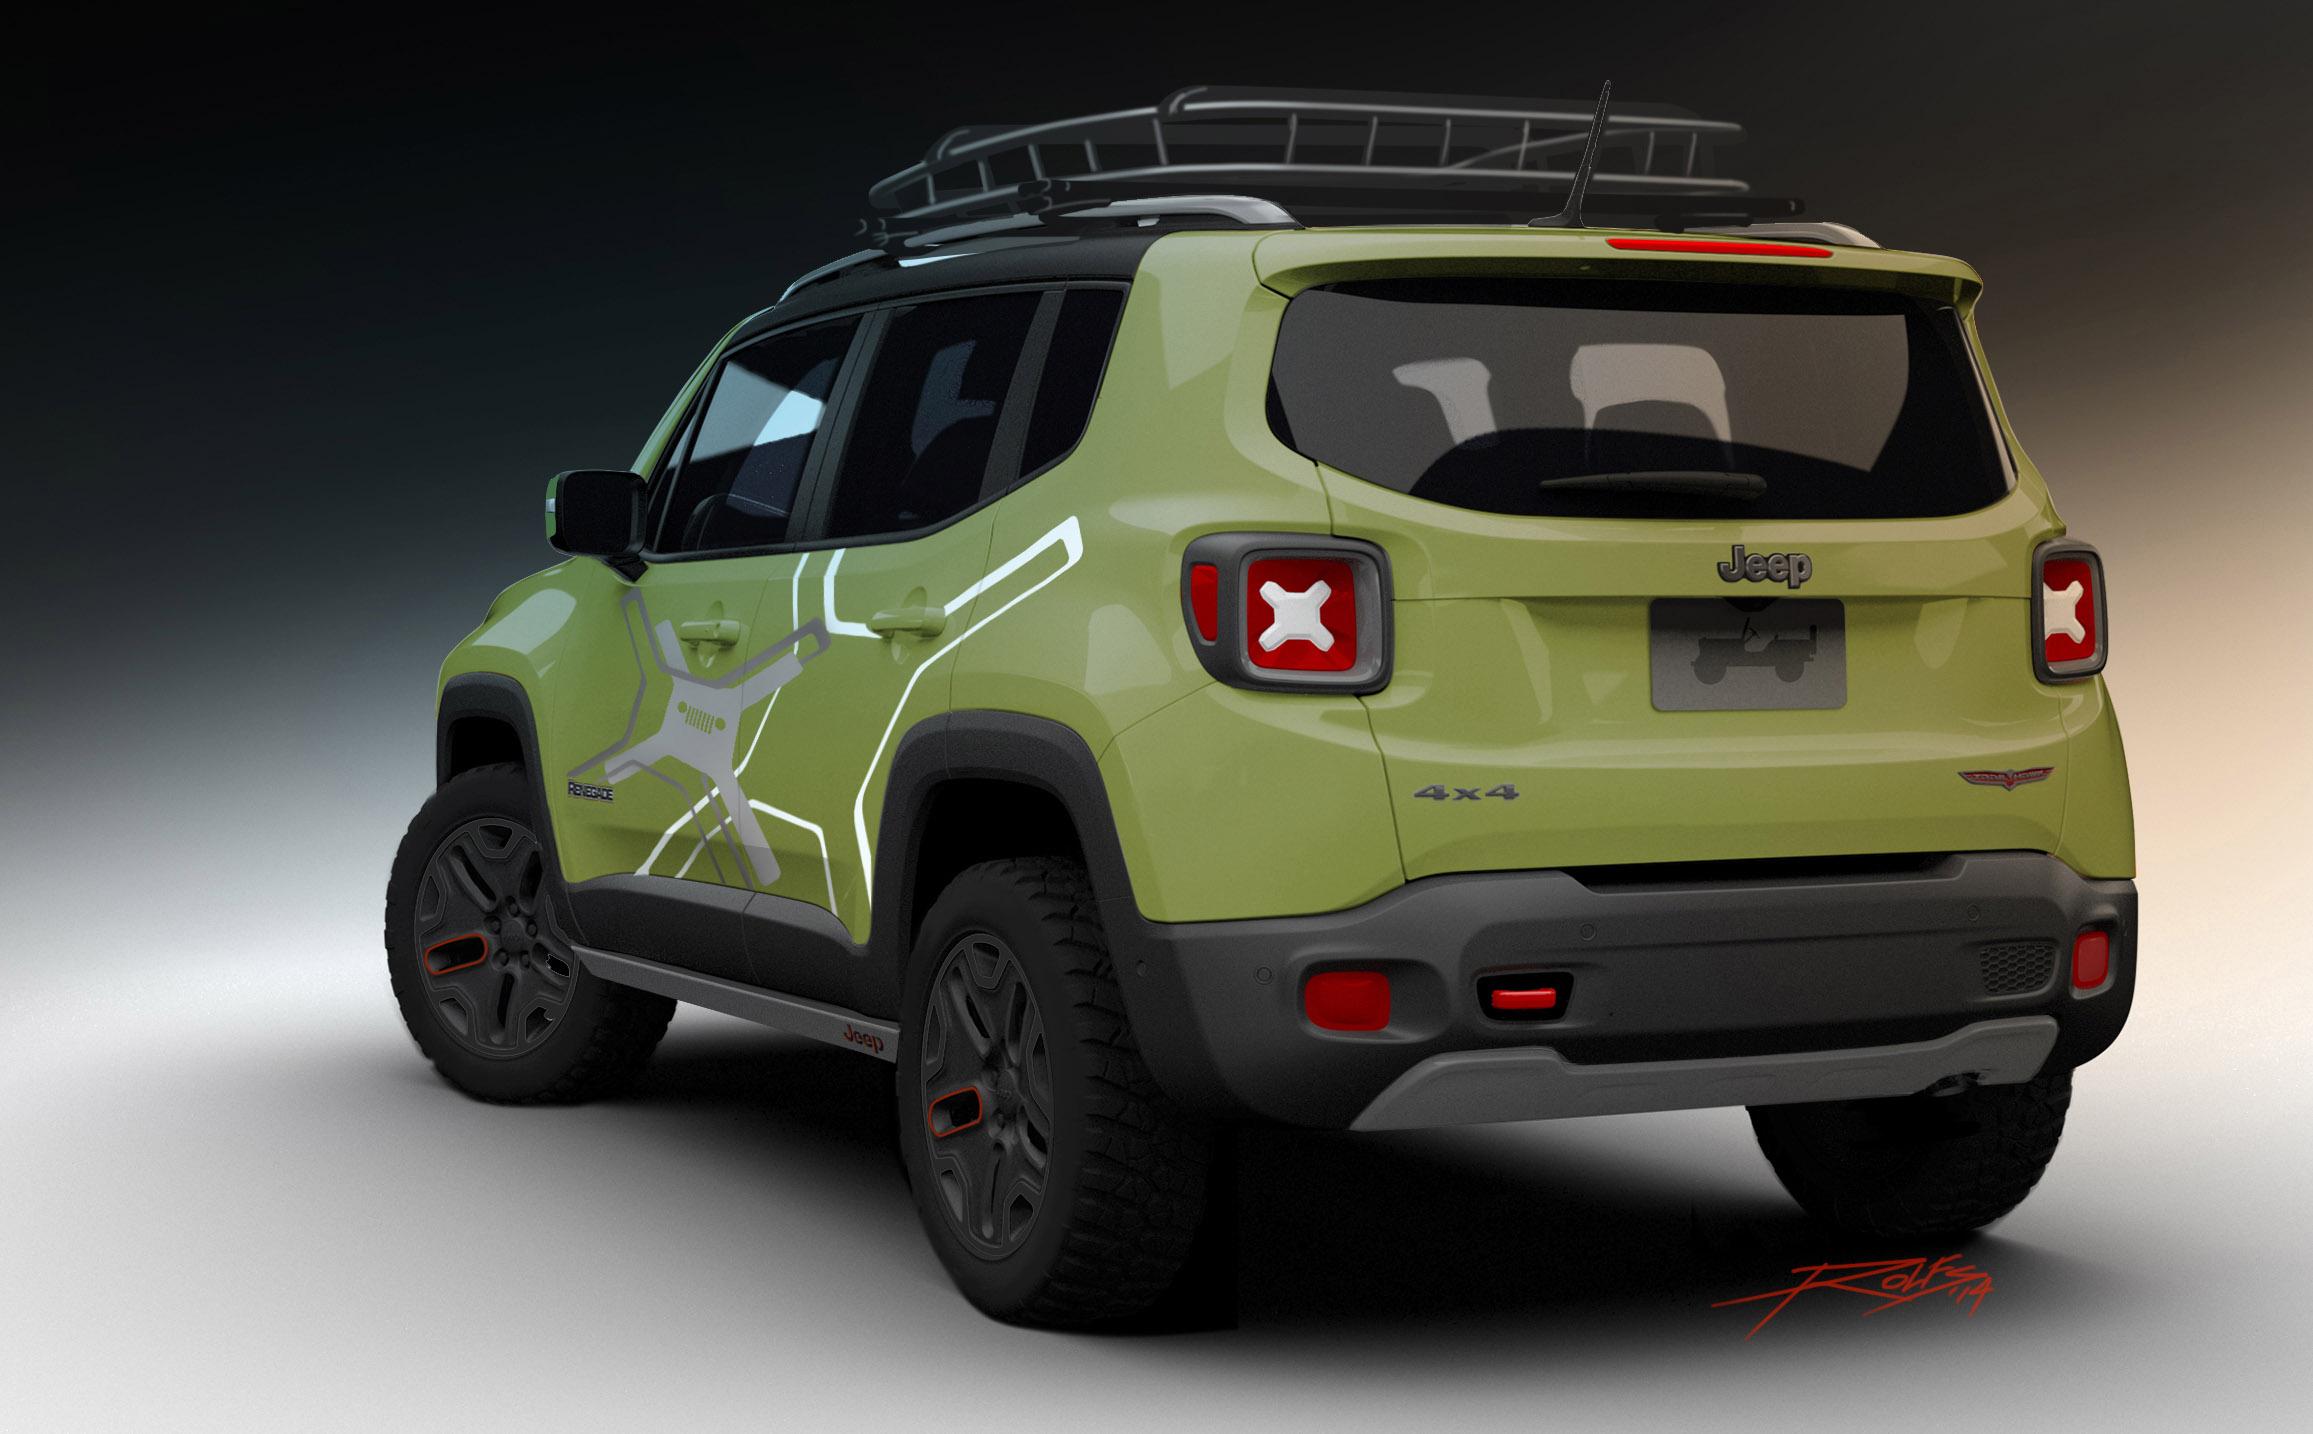 2015 Mopar Jeep Renegade Trailhawk Picture 115261